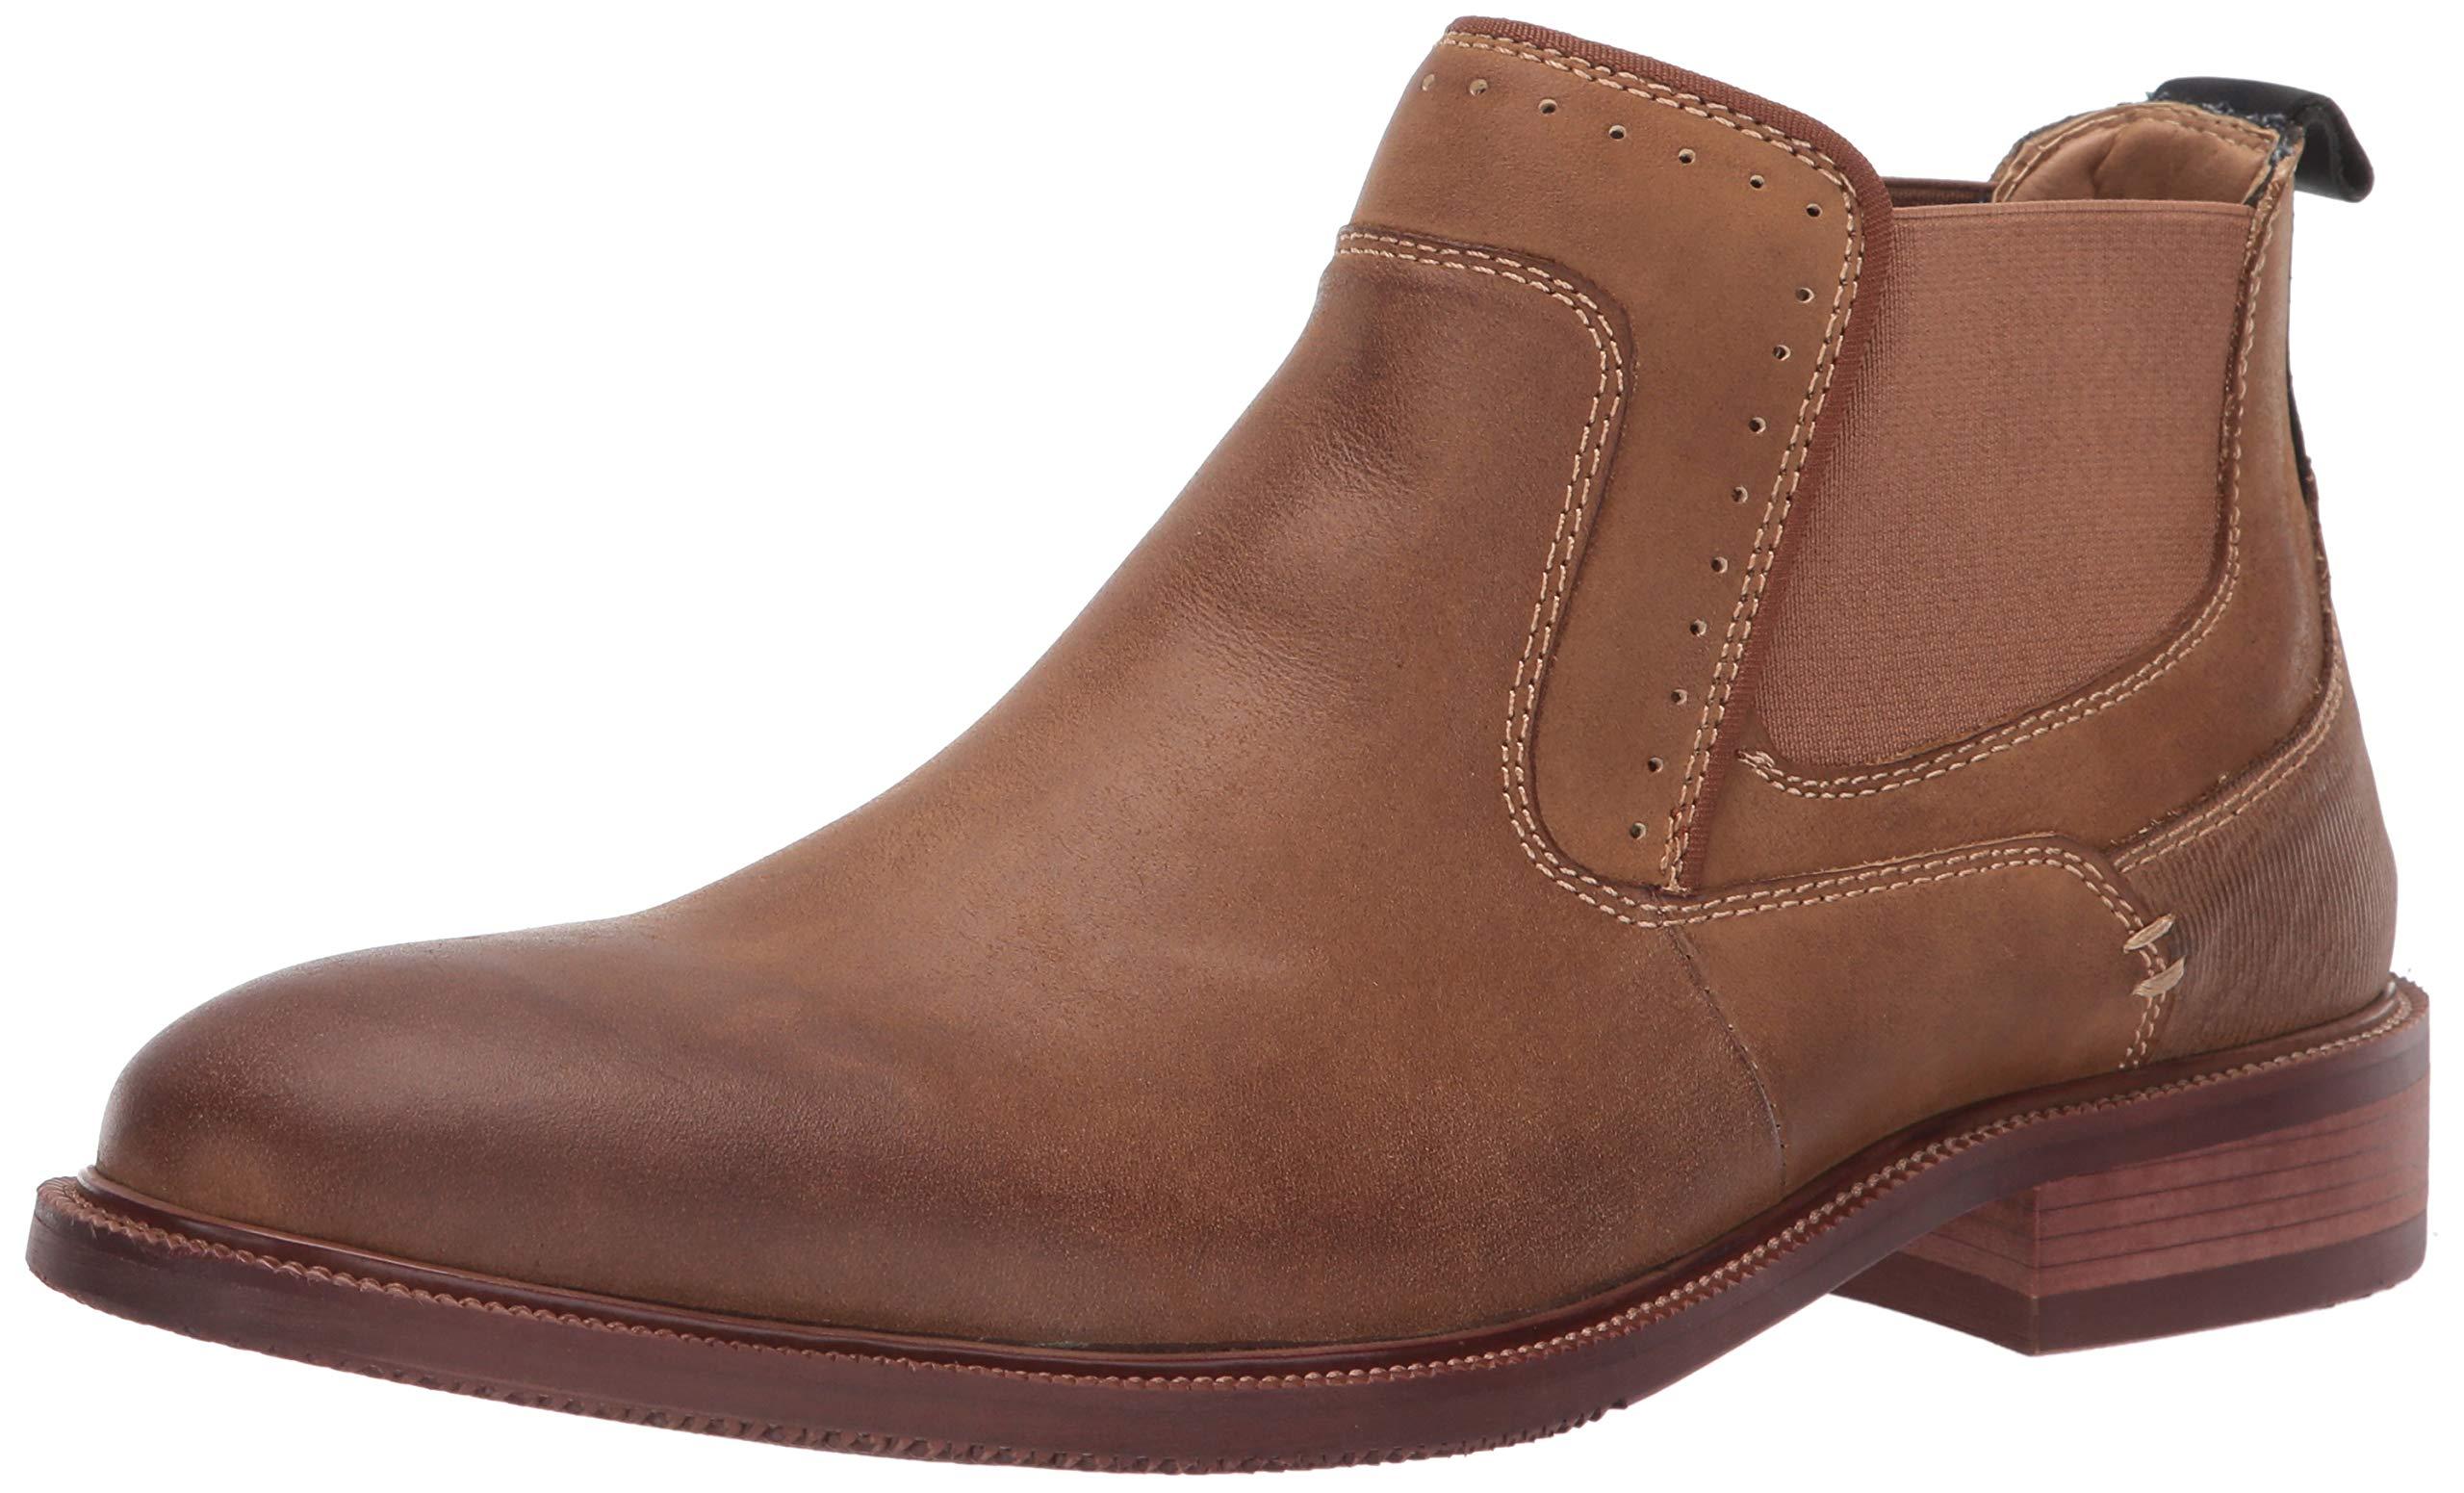 Steve Madden Men's KEMPTIN Boot, Bone Leather, 12 M US